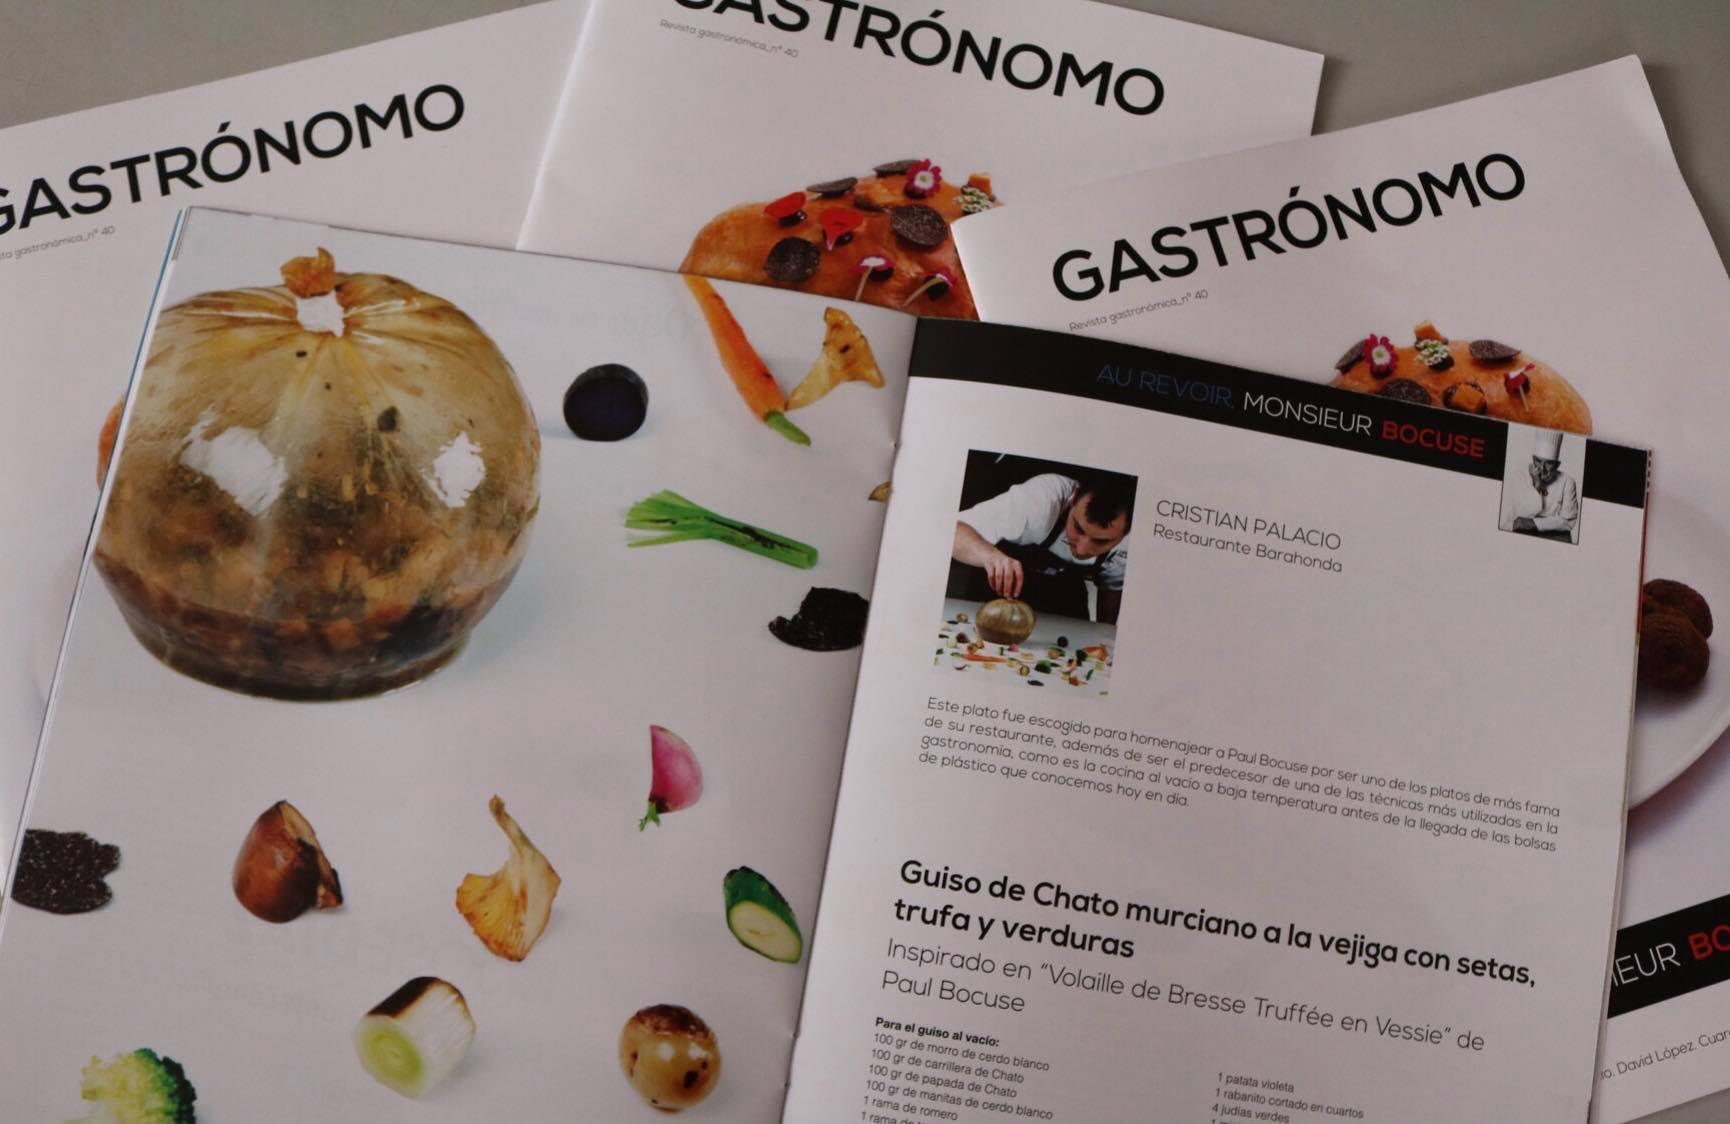 Revista Gastrónomo Nº40: Homenaje a Paul Bocuse